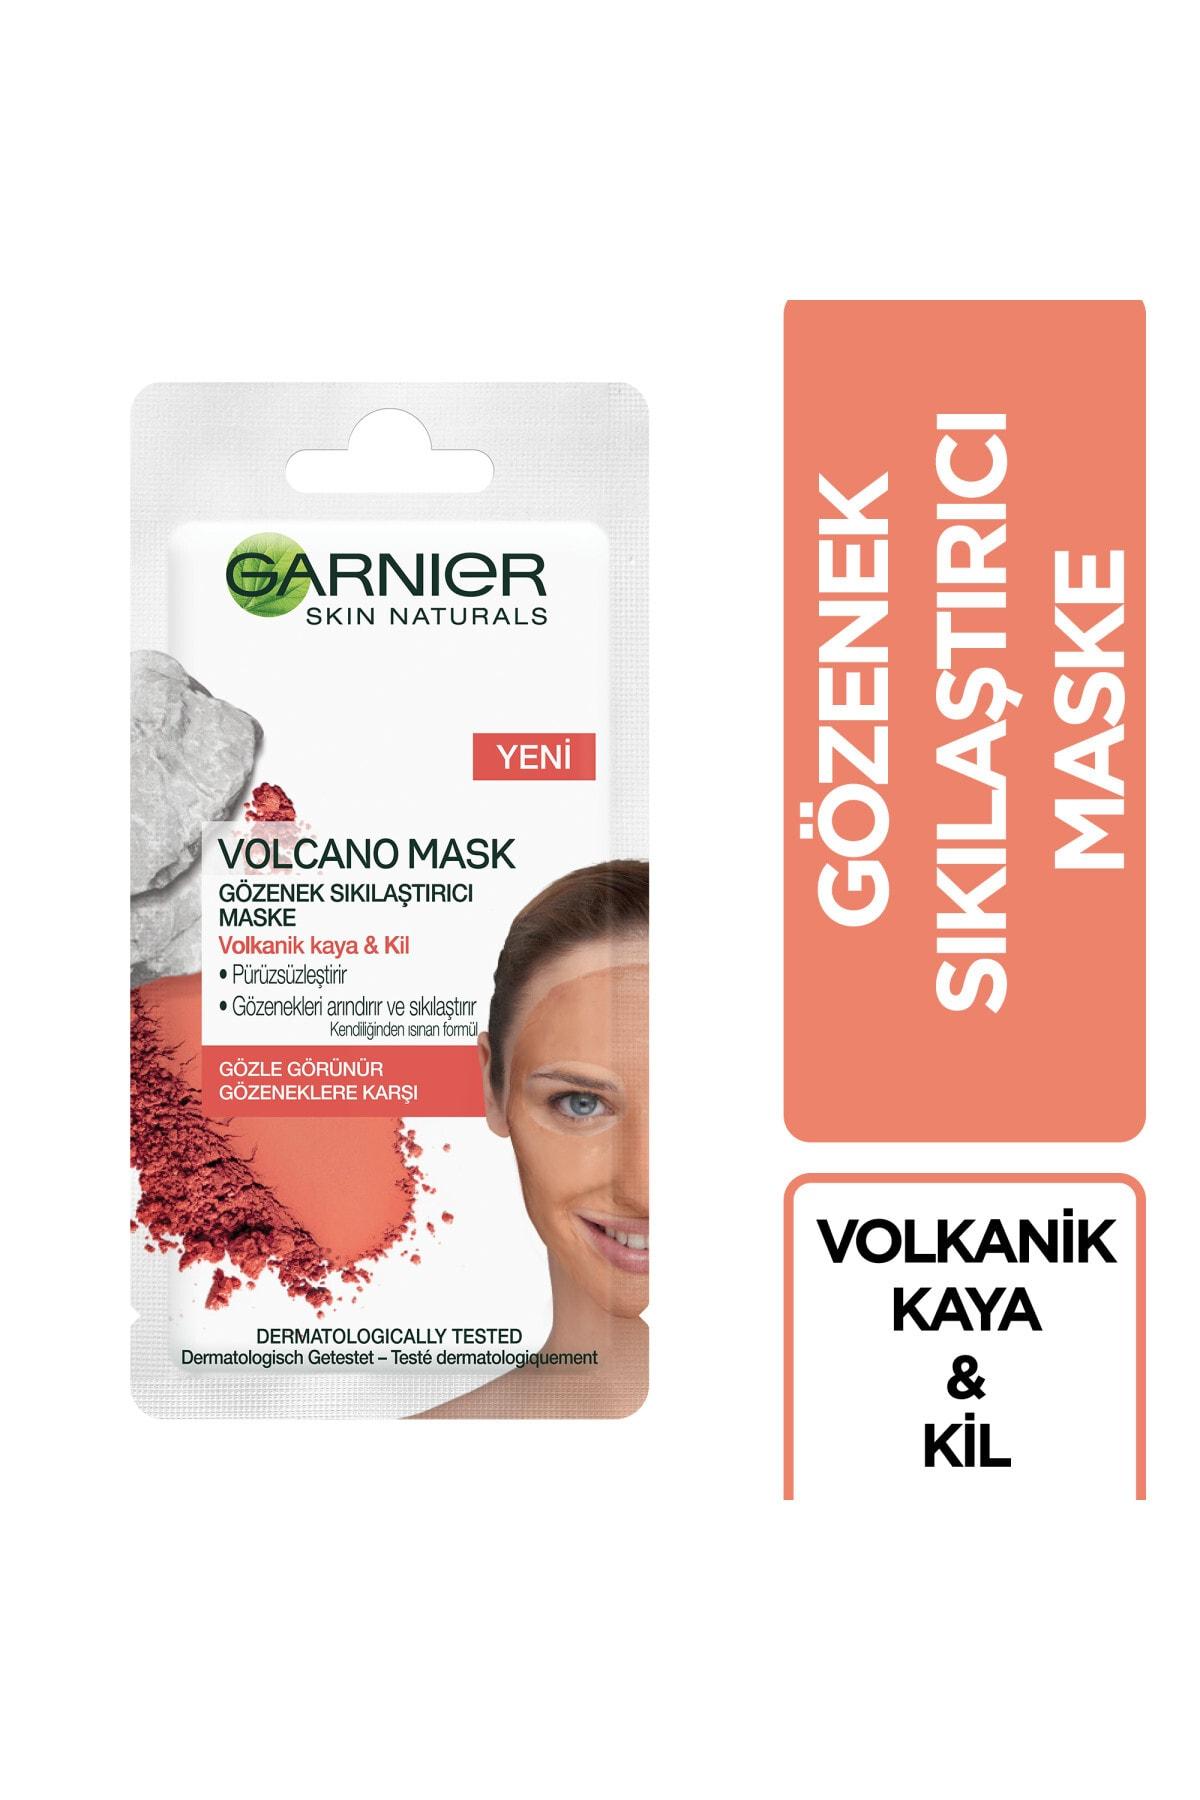 Garnier Volkanik Kaya ve Kil İçeren Gözenek Sıkılaştırıcı Kağıt Maske 1